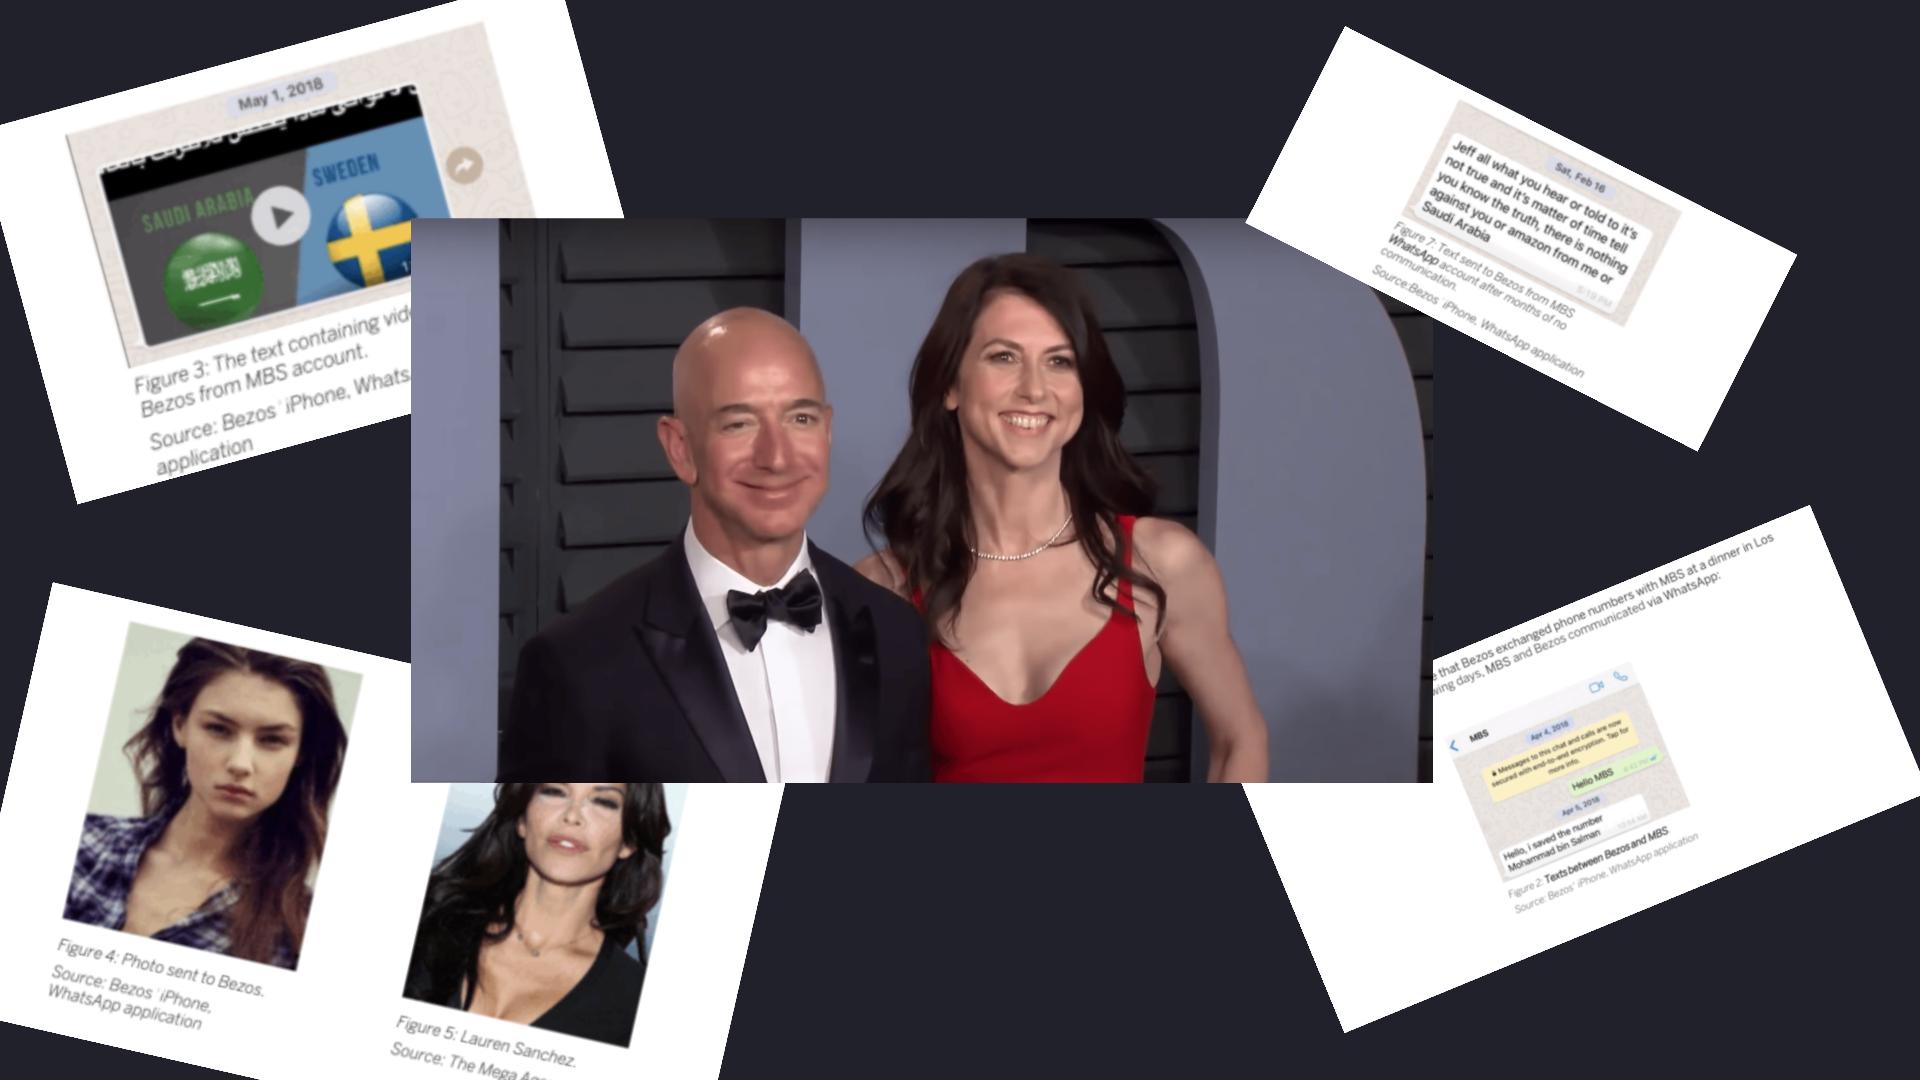 Chronologie pour comprendre l'affaire Jeff Bezos: entre meurtre, logiciel espion et SMS volés